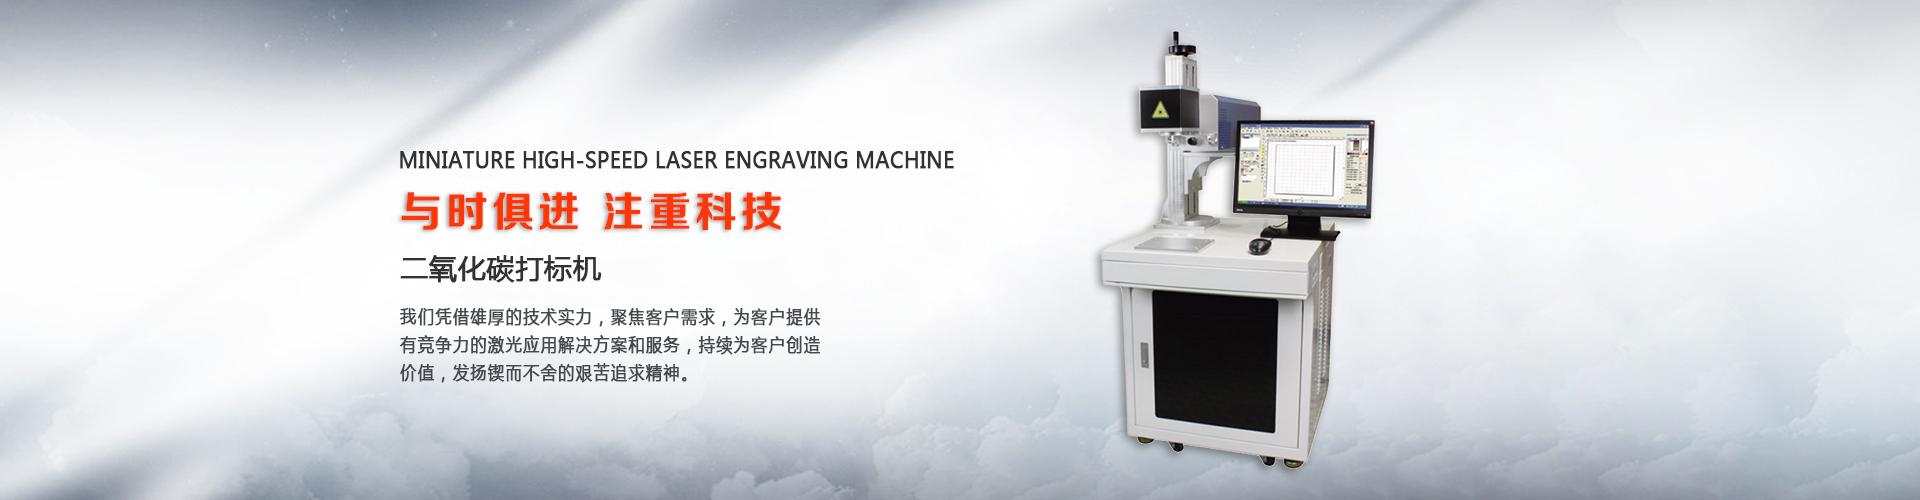 大型激光切割机